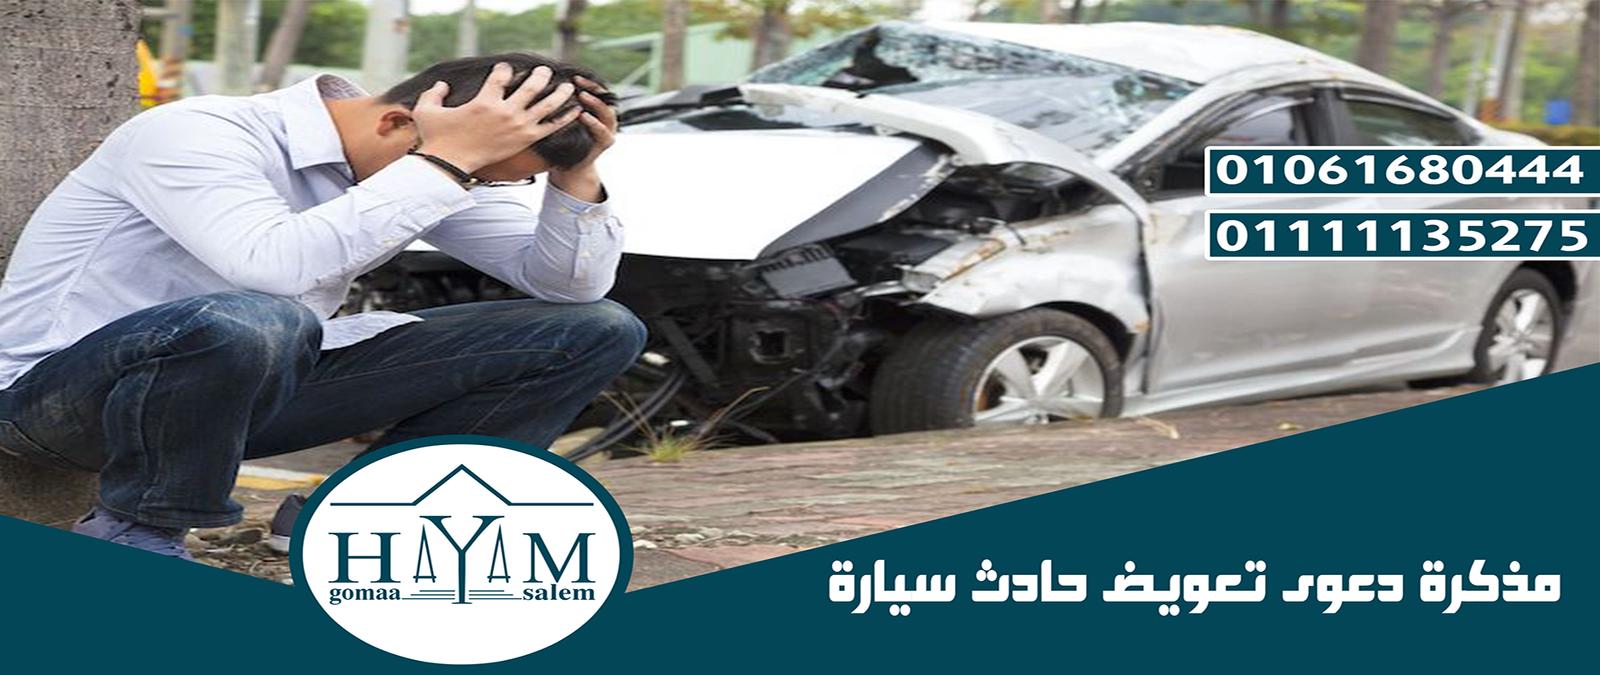 مذكرة دعوى تعويض حادث سيارة copy